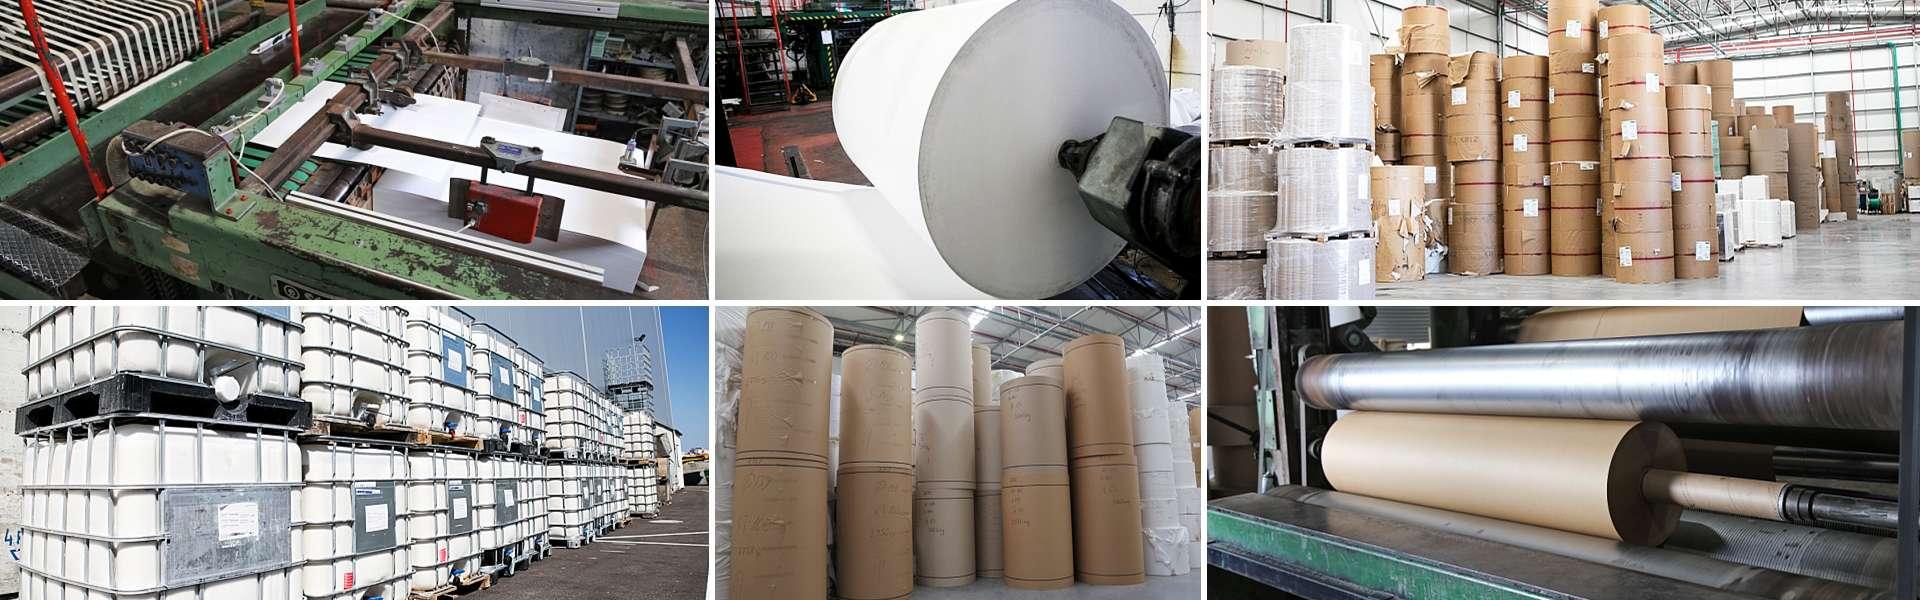 קונברטק תעשיות נייר